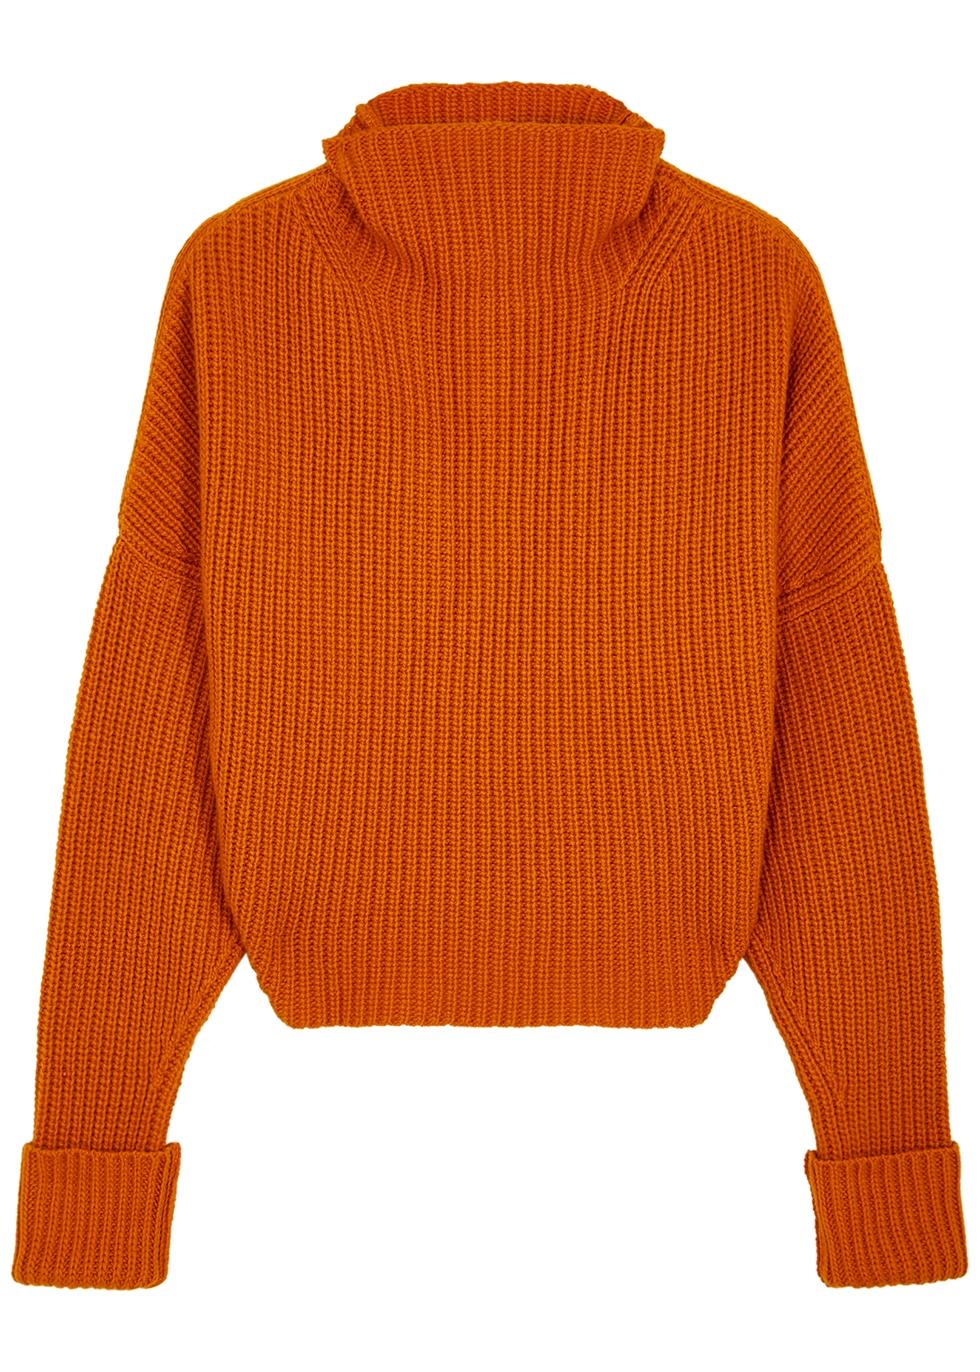 Kate orange ribbed cashmere jumper